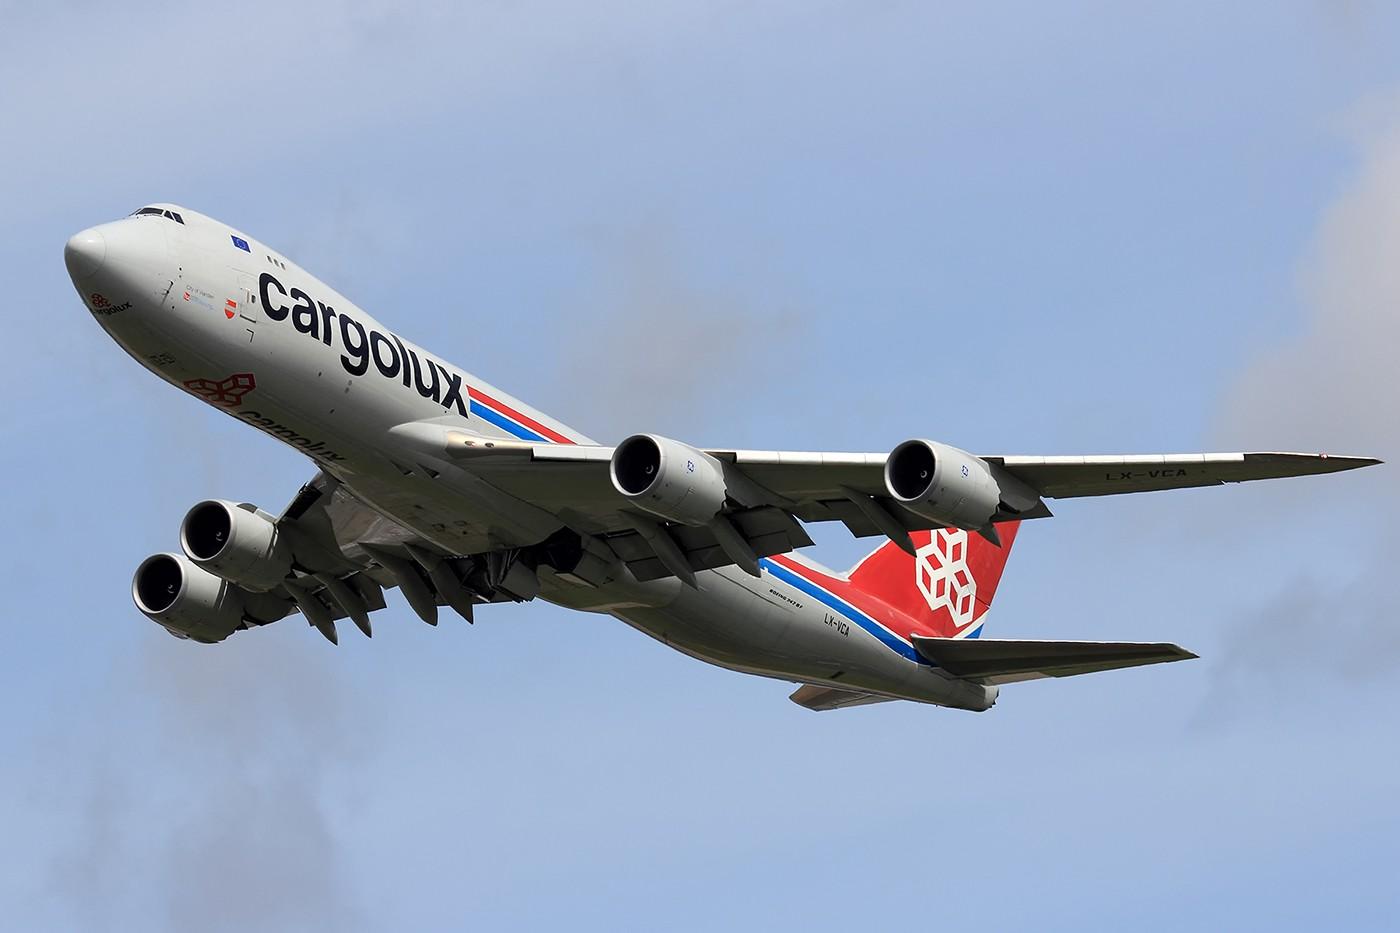 Re:[原创]【AMS】阿姆斯特丹常规卡狗一组 1400*933 BOEING 747-8F LX-VCA 荷兰阿姆斯特丹史基浦机场